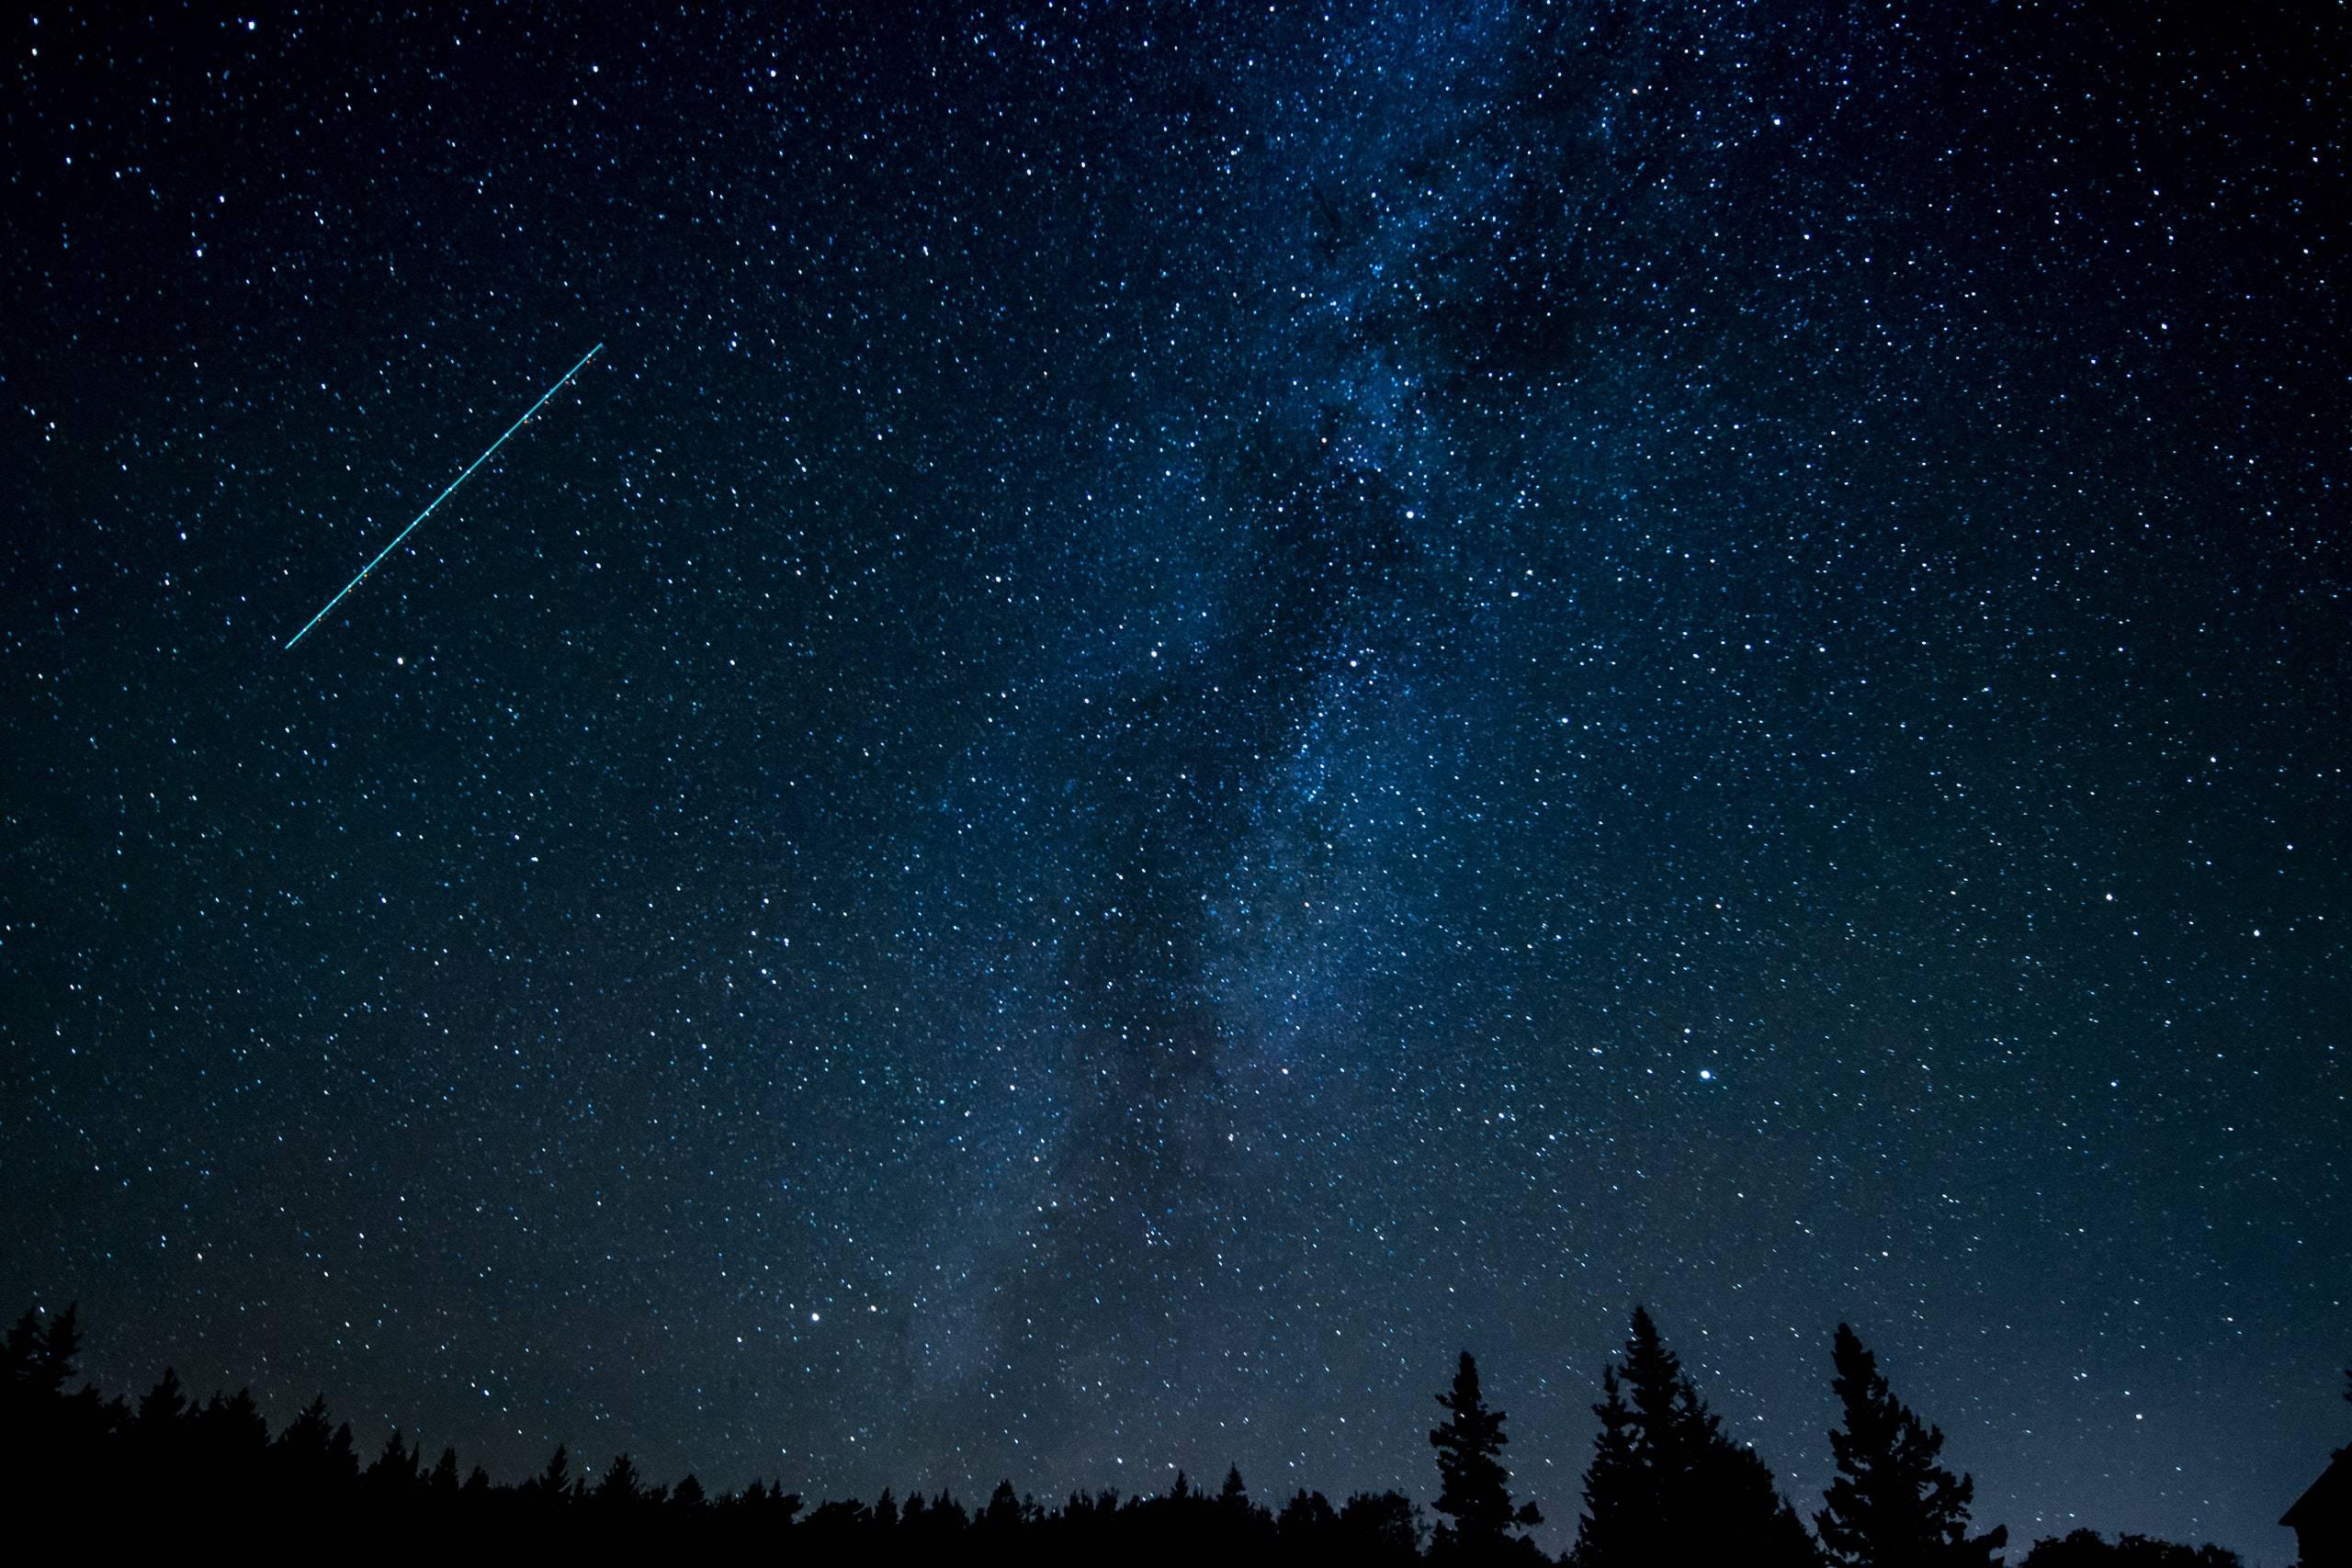 Japón lanzó un satélite que producirá una lluvia de meteoritos artificial sobre la Tierra en 2020